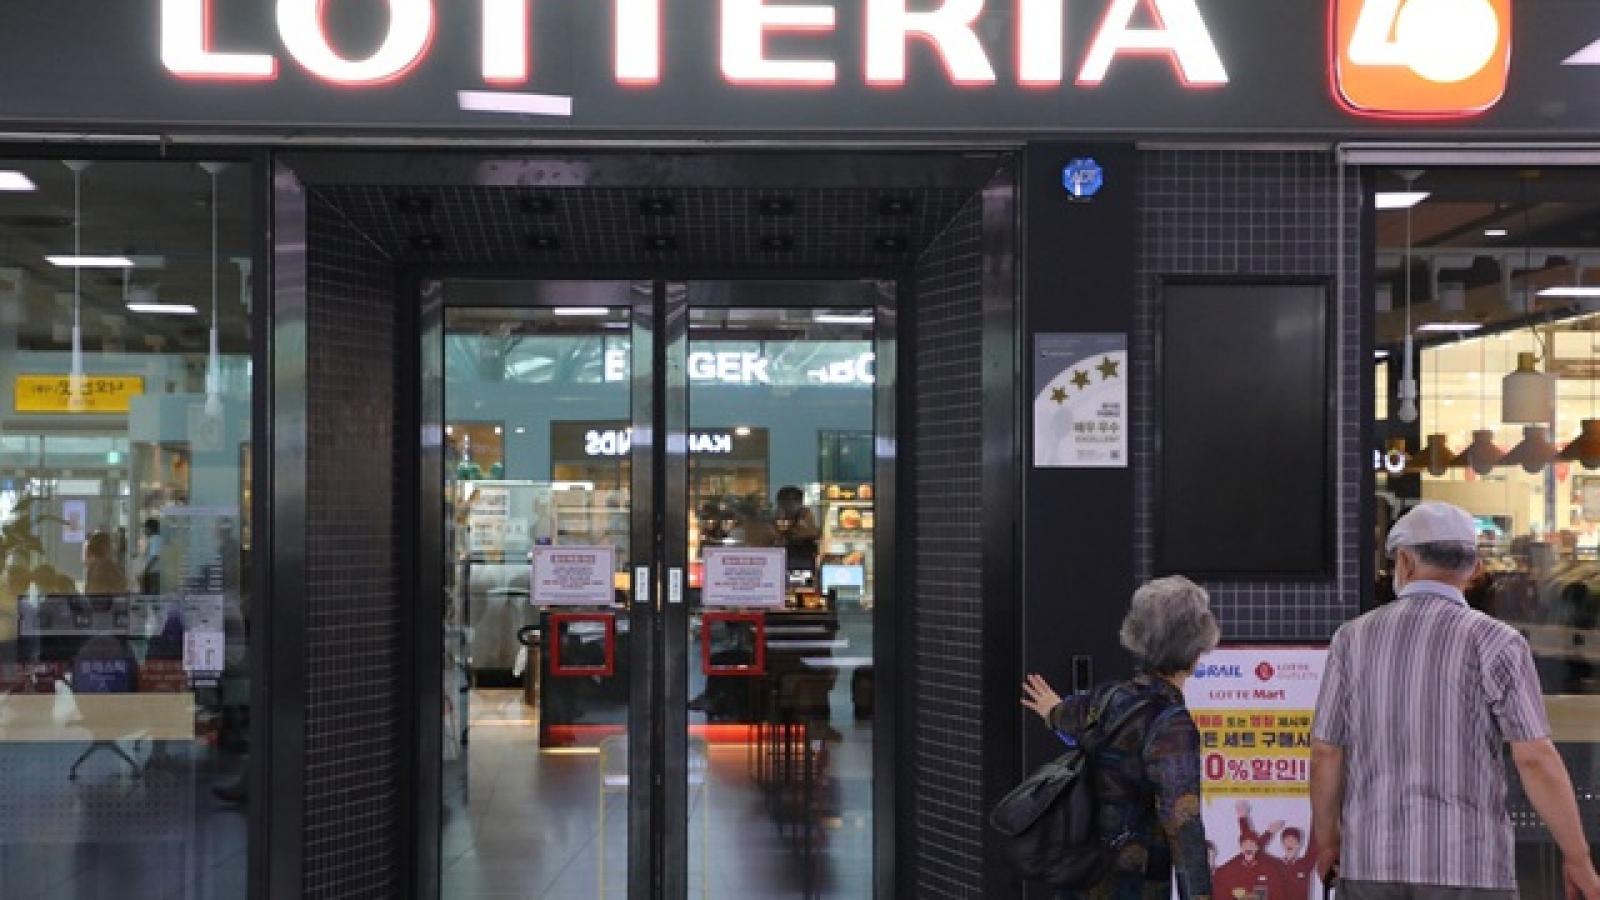 Làm ăn thua lỗ, Lotte sắp đóng cửa chuỗi nhà hàng Lotteria tại Việt Nam?